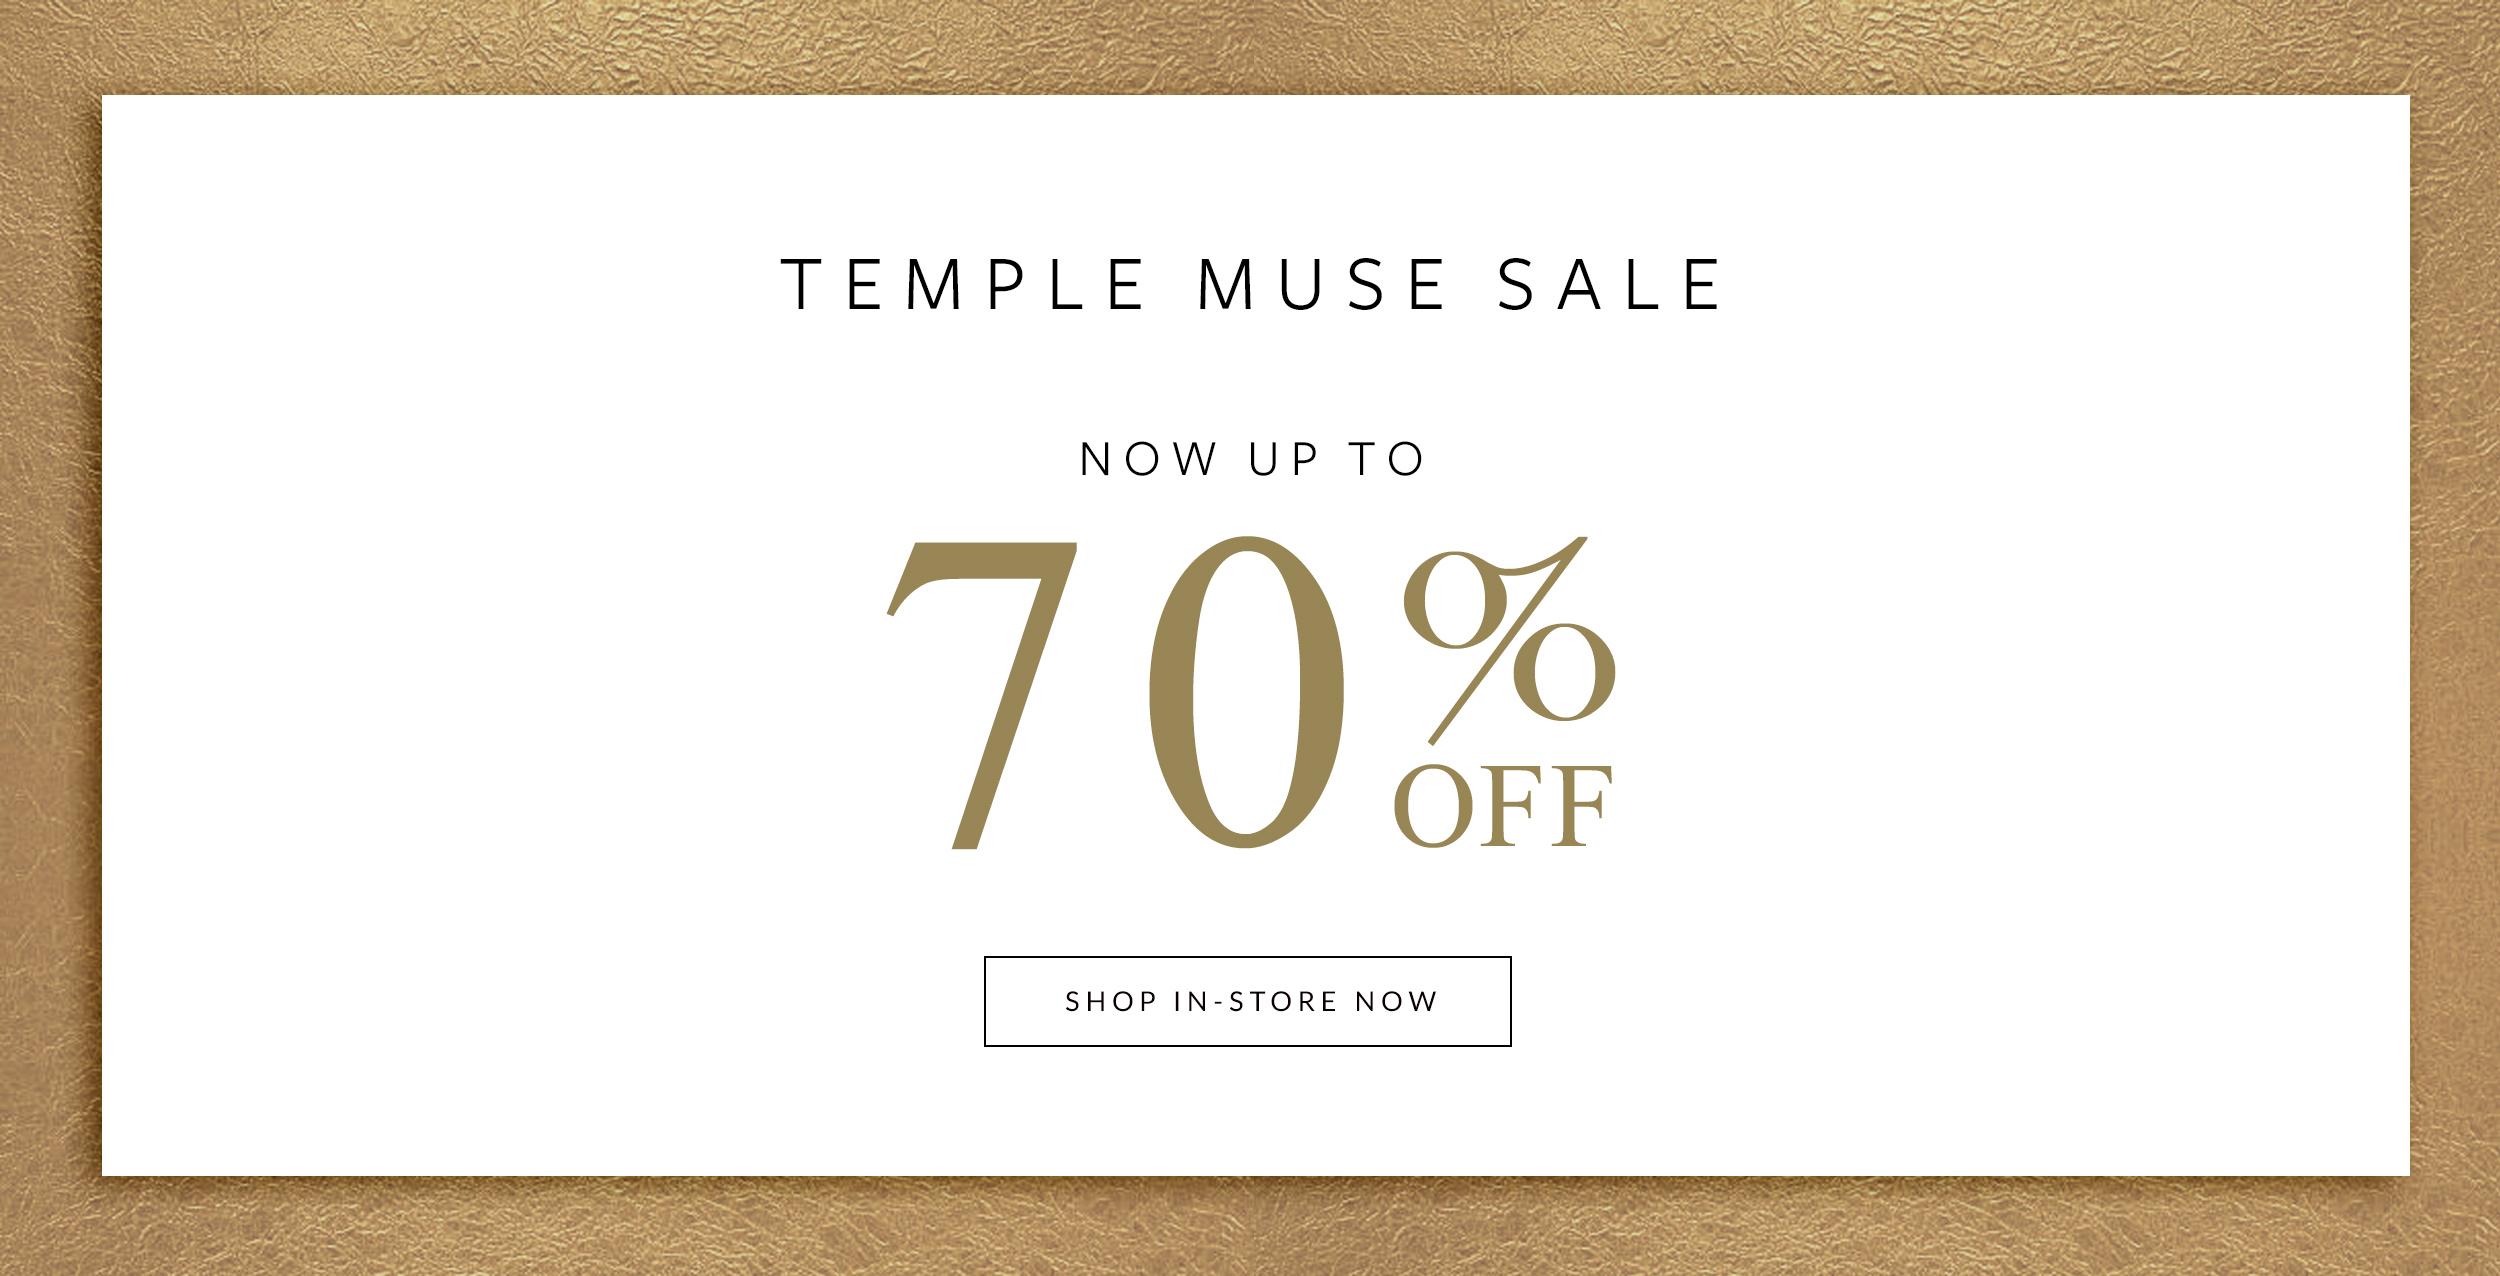 Temple-muse-70-Sale-site copy.jpg